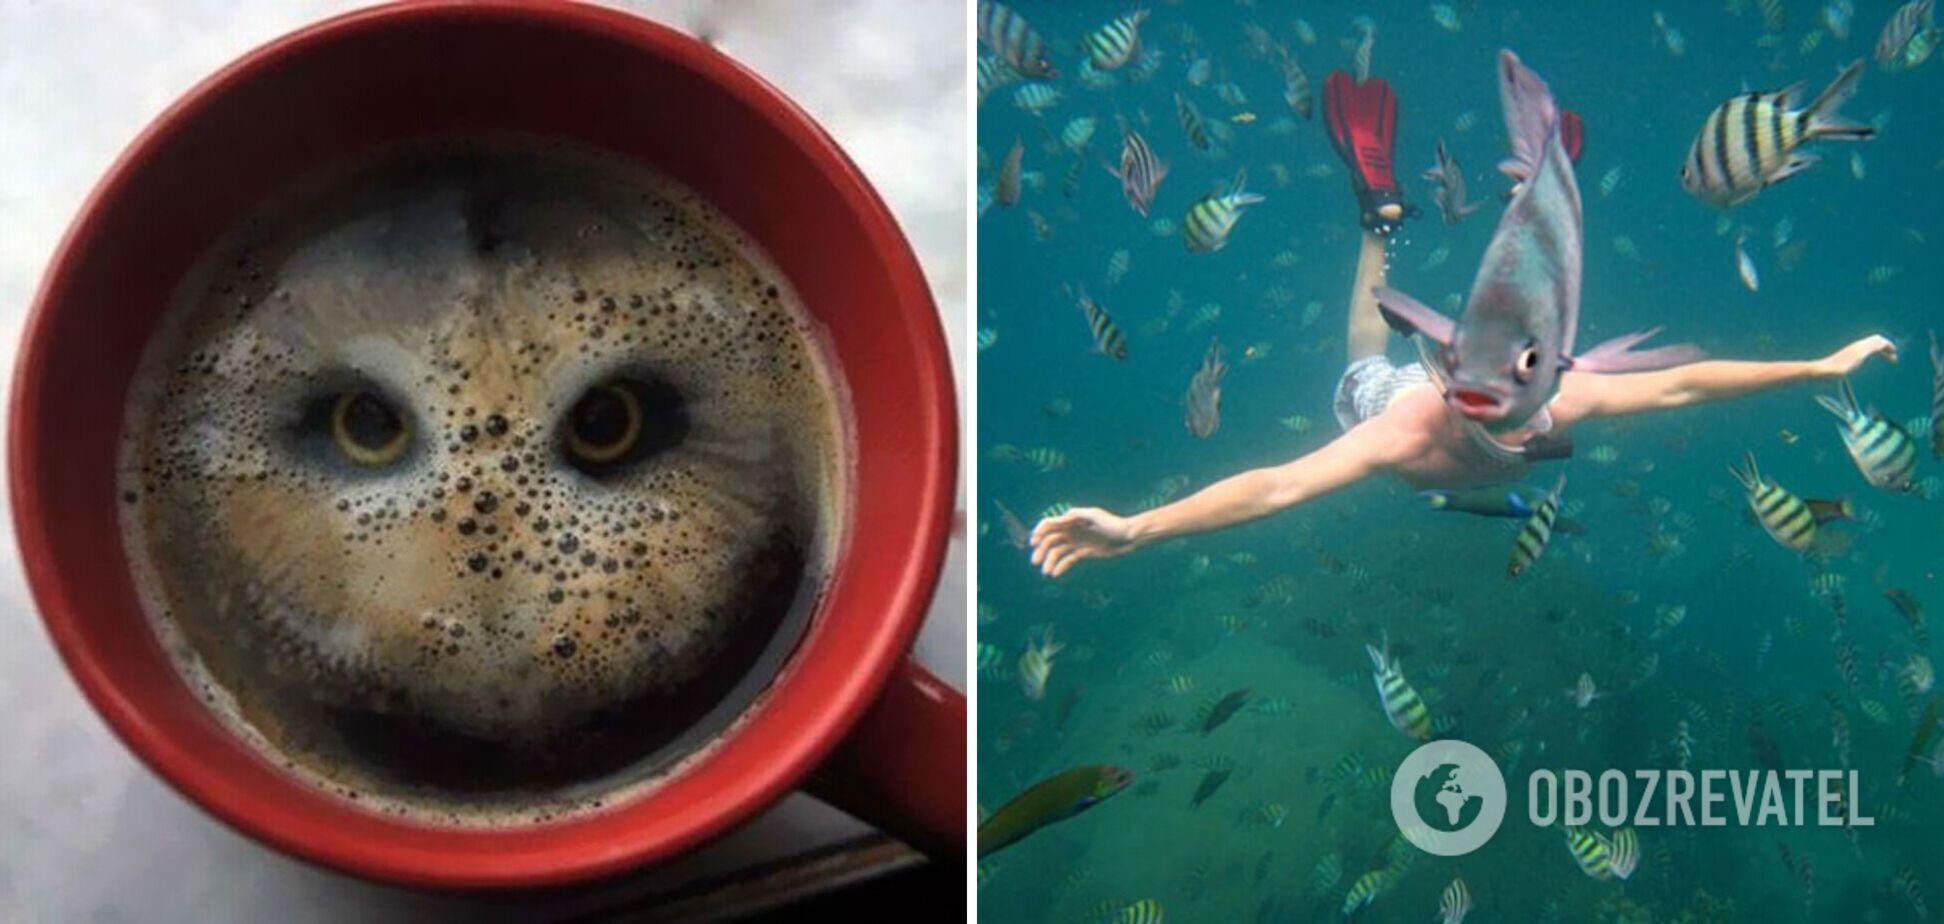 Пінка кави з портретом сови, дайвер-рибка і багато інших ілюзій